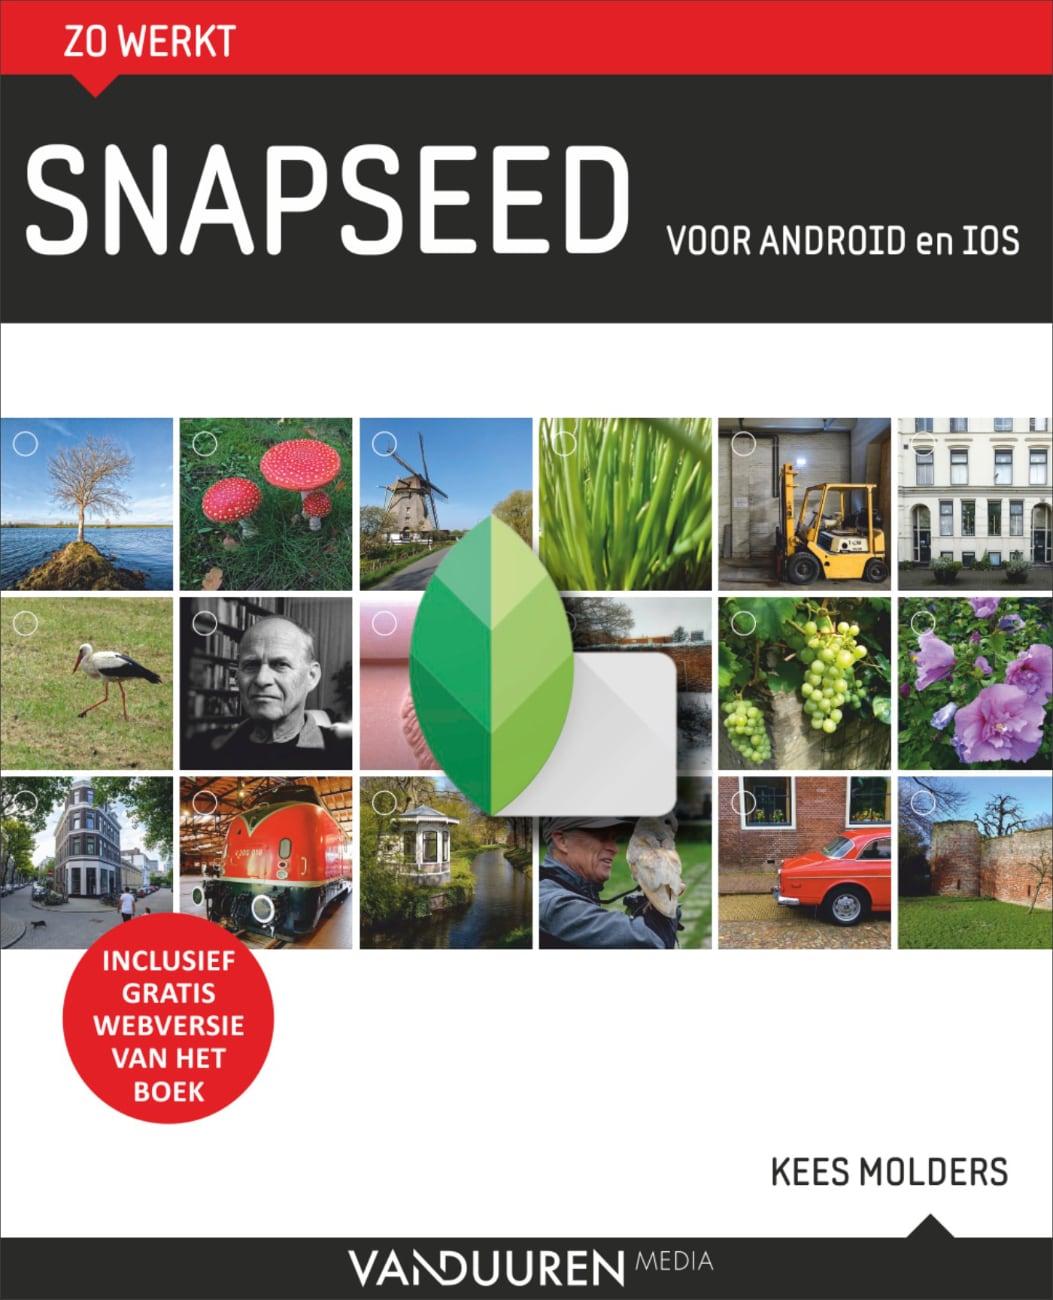 Zo werkt Snapseed - cover fotoboek